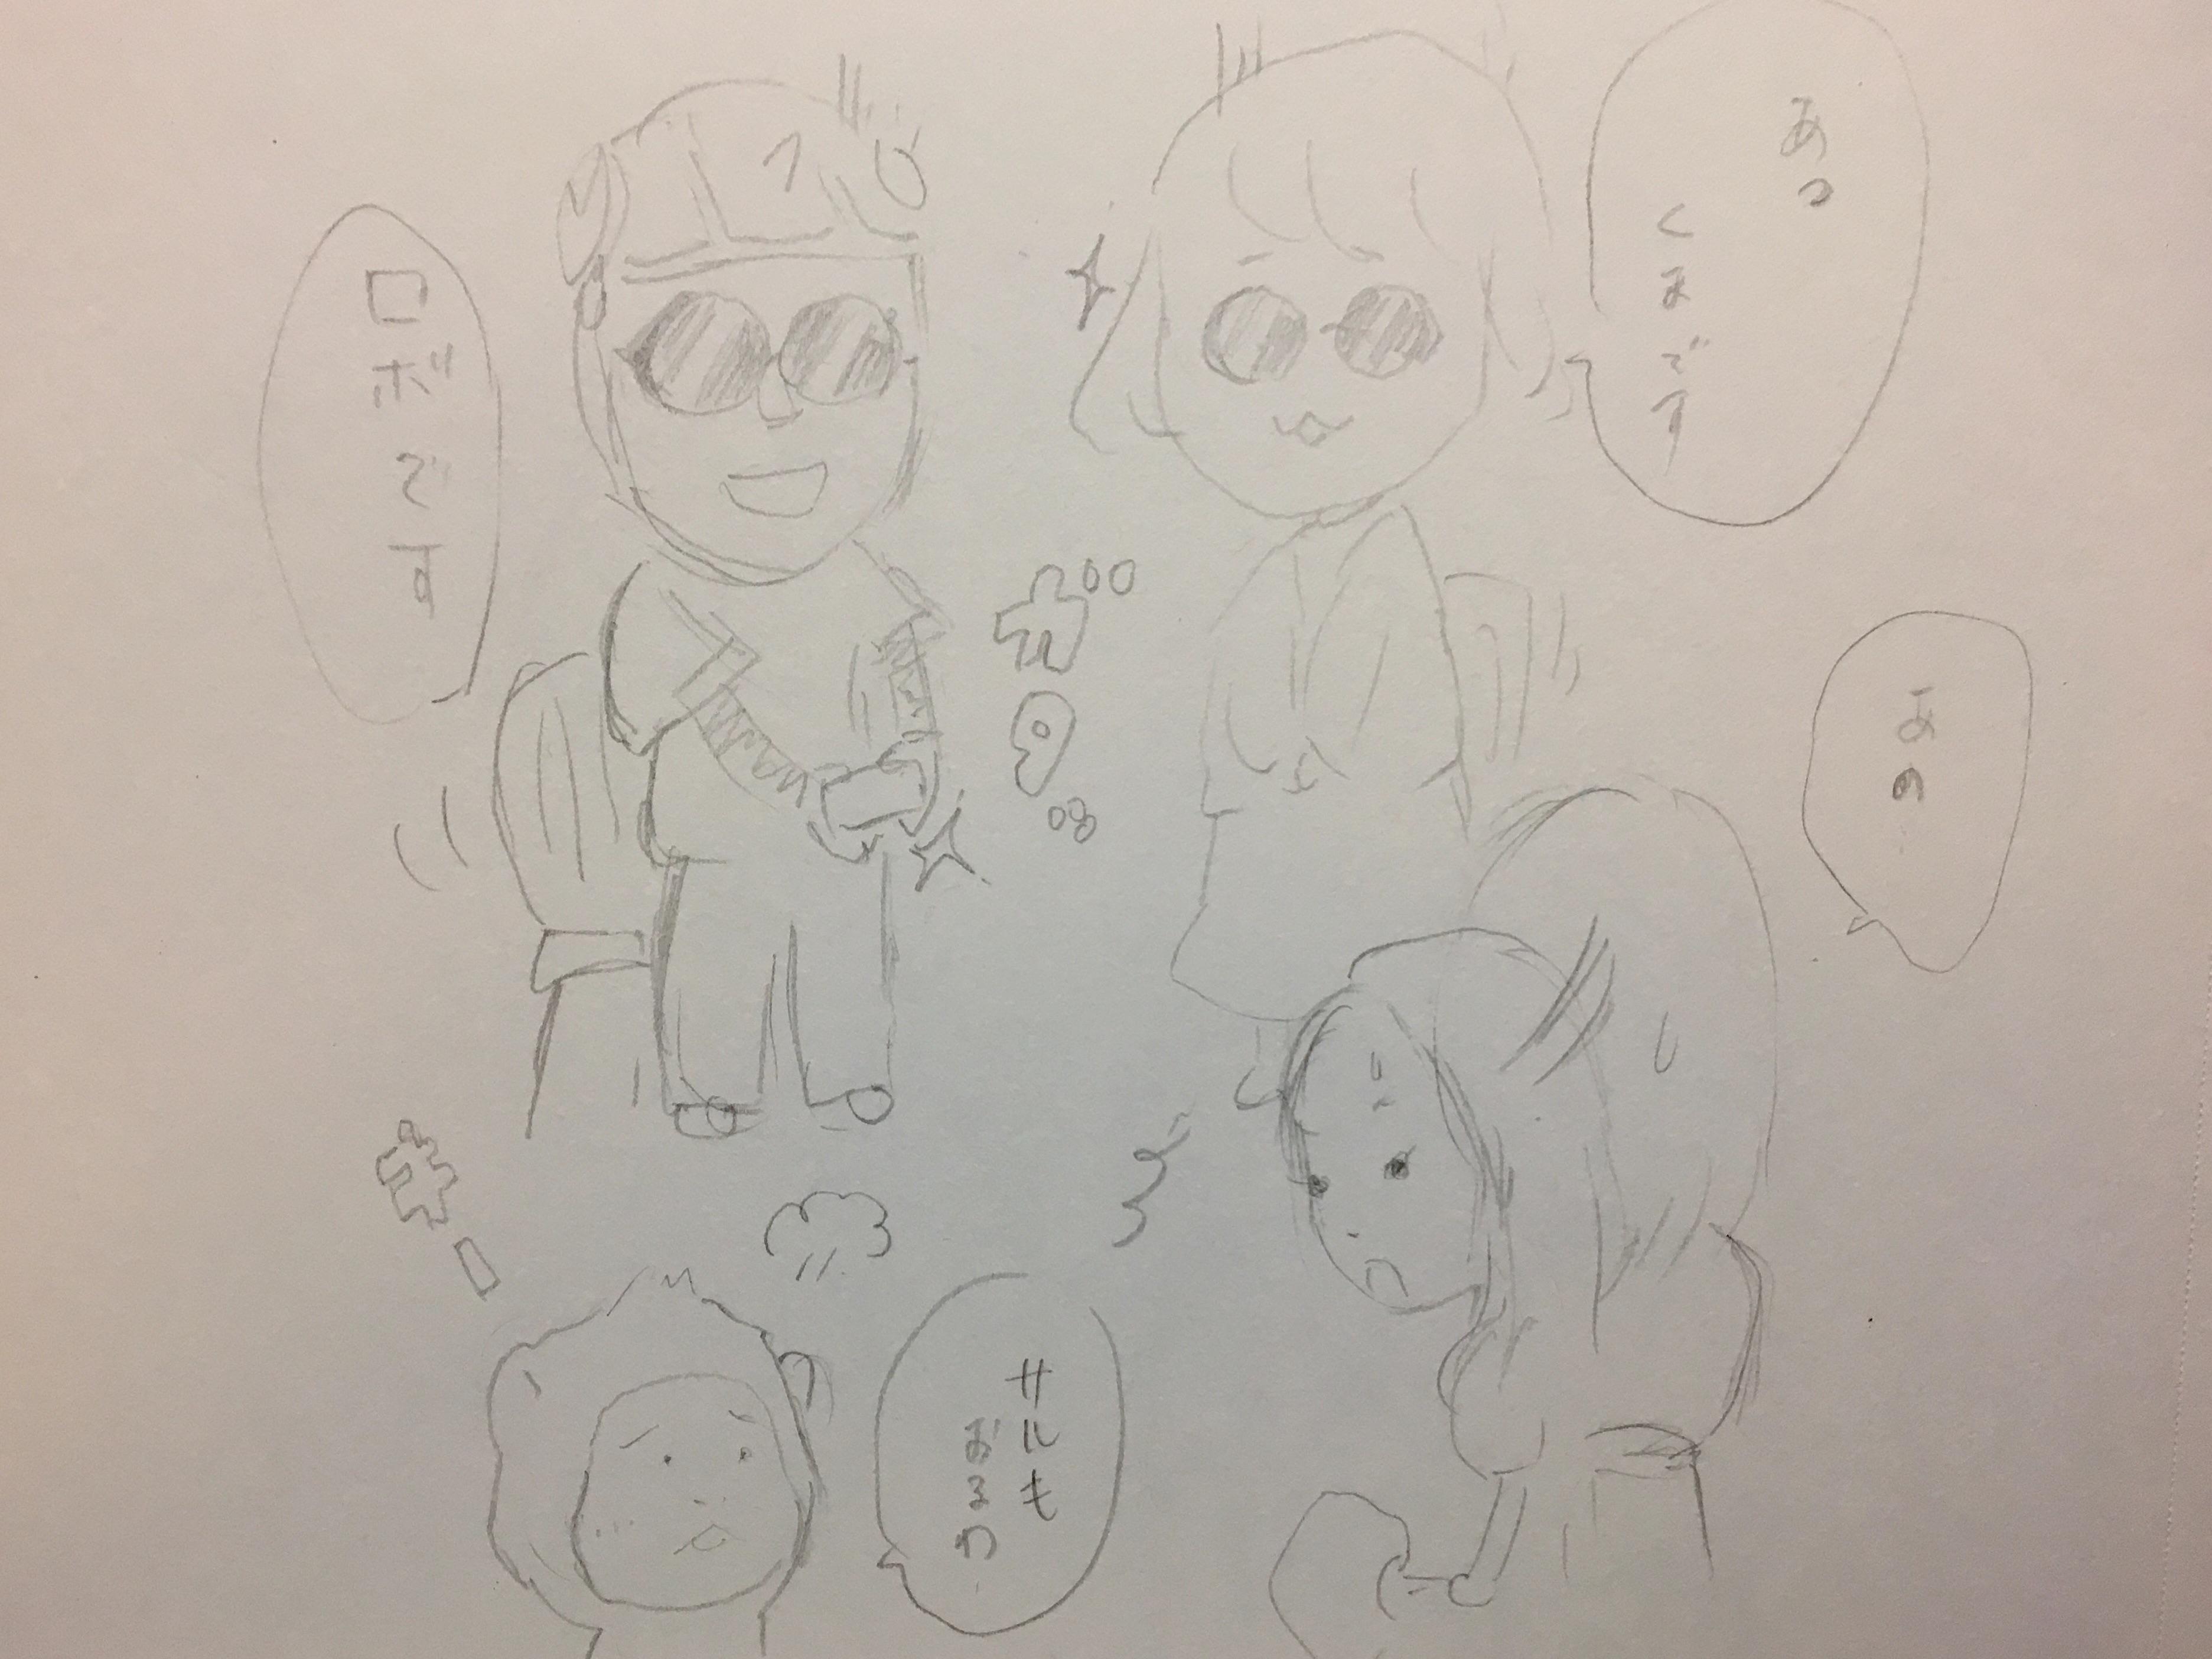 f:id:kaminashiko:20180625001343j:plain